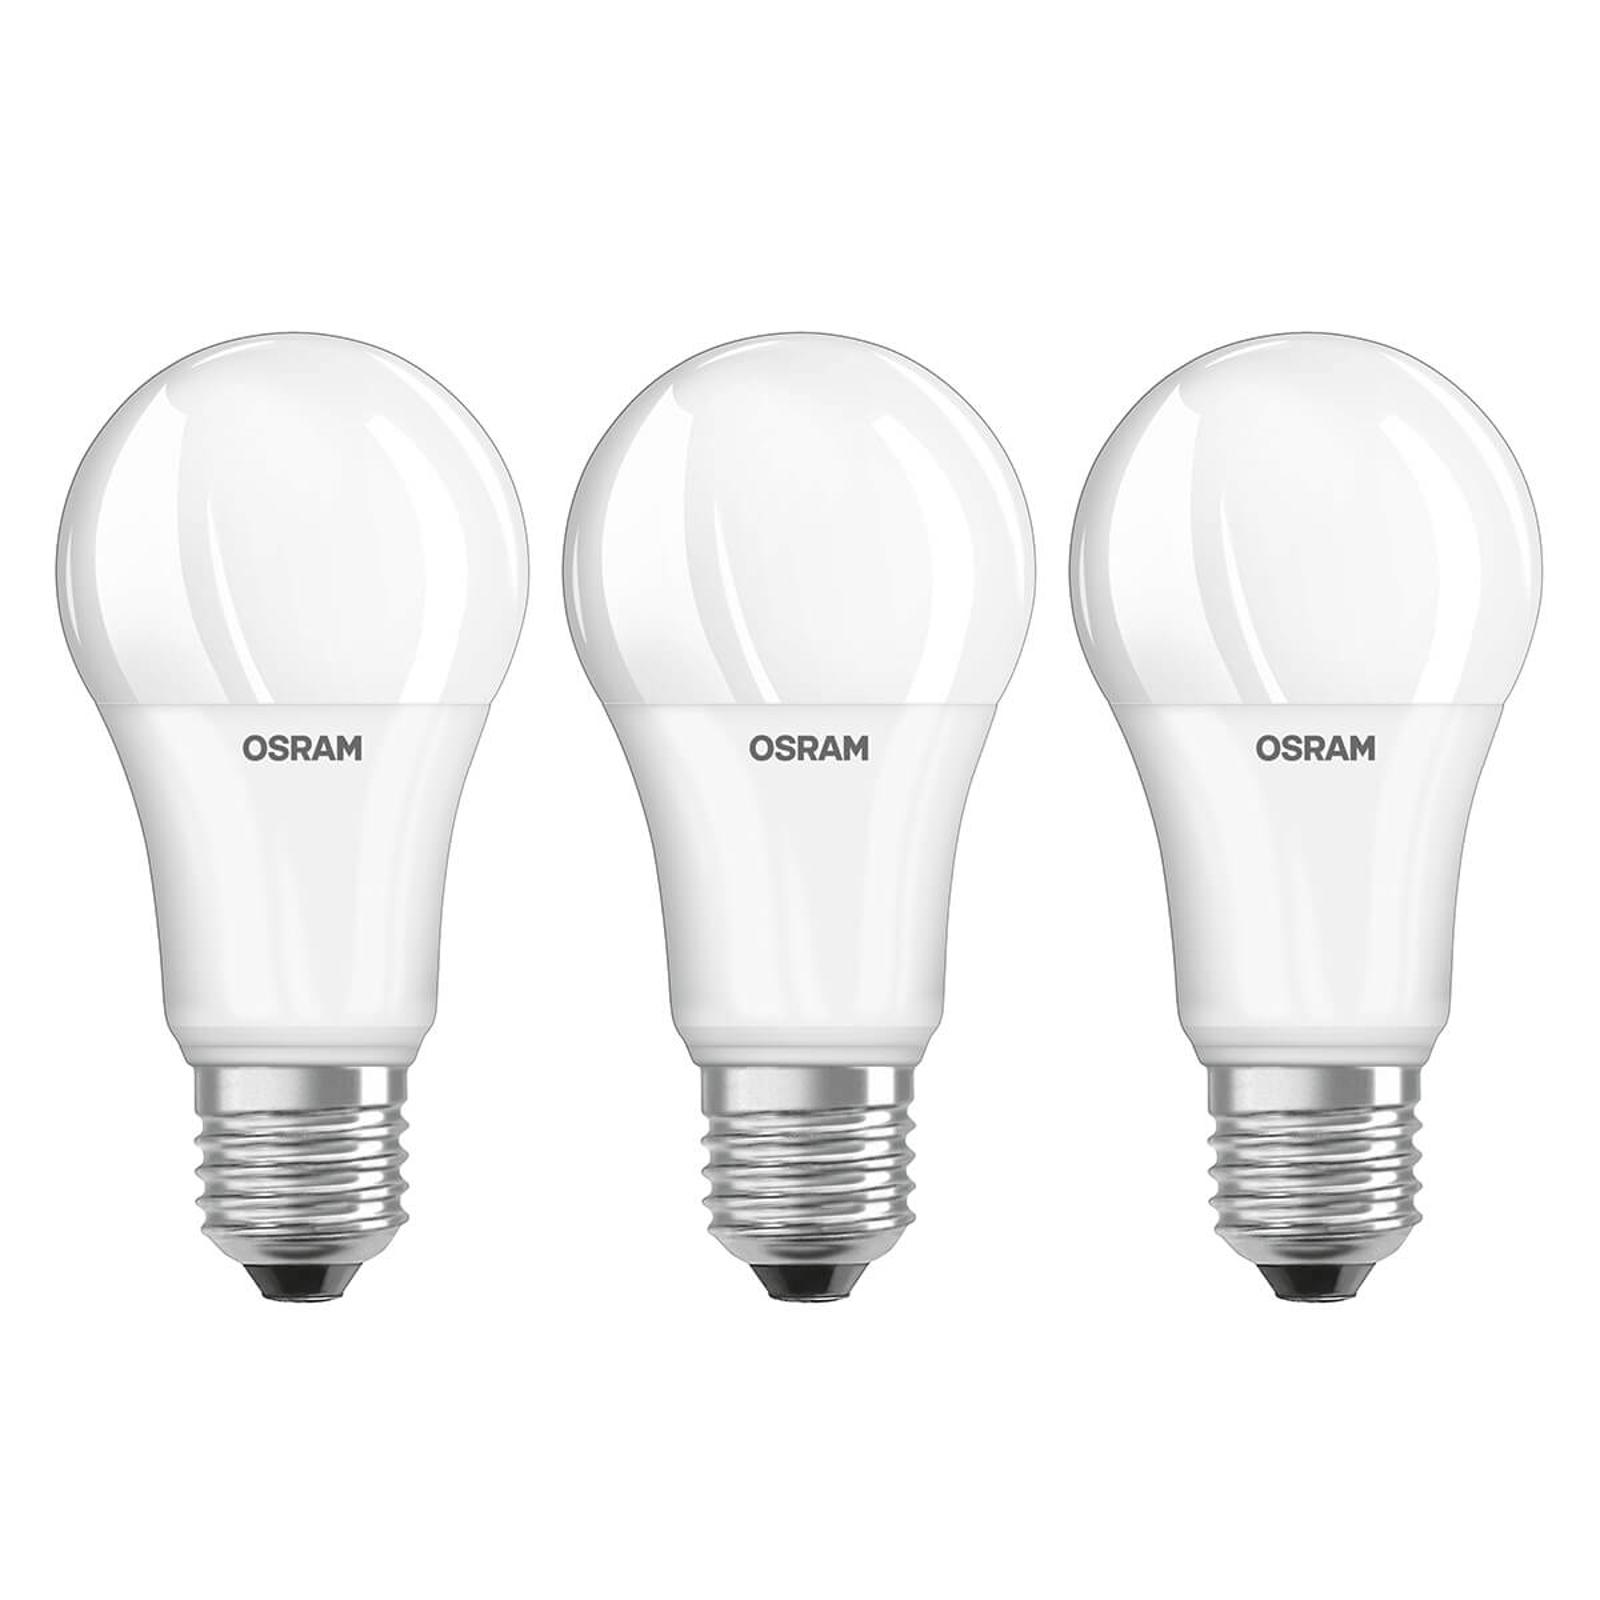 LED-lampa E27 13W, universalvit, 3-pack